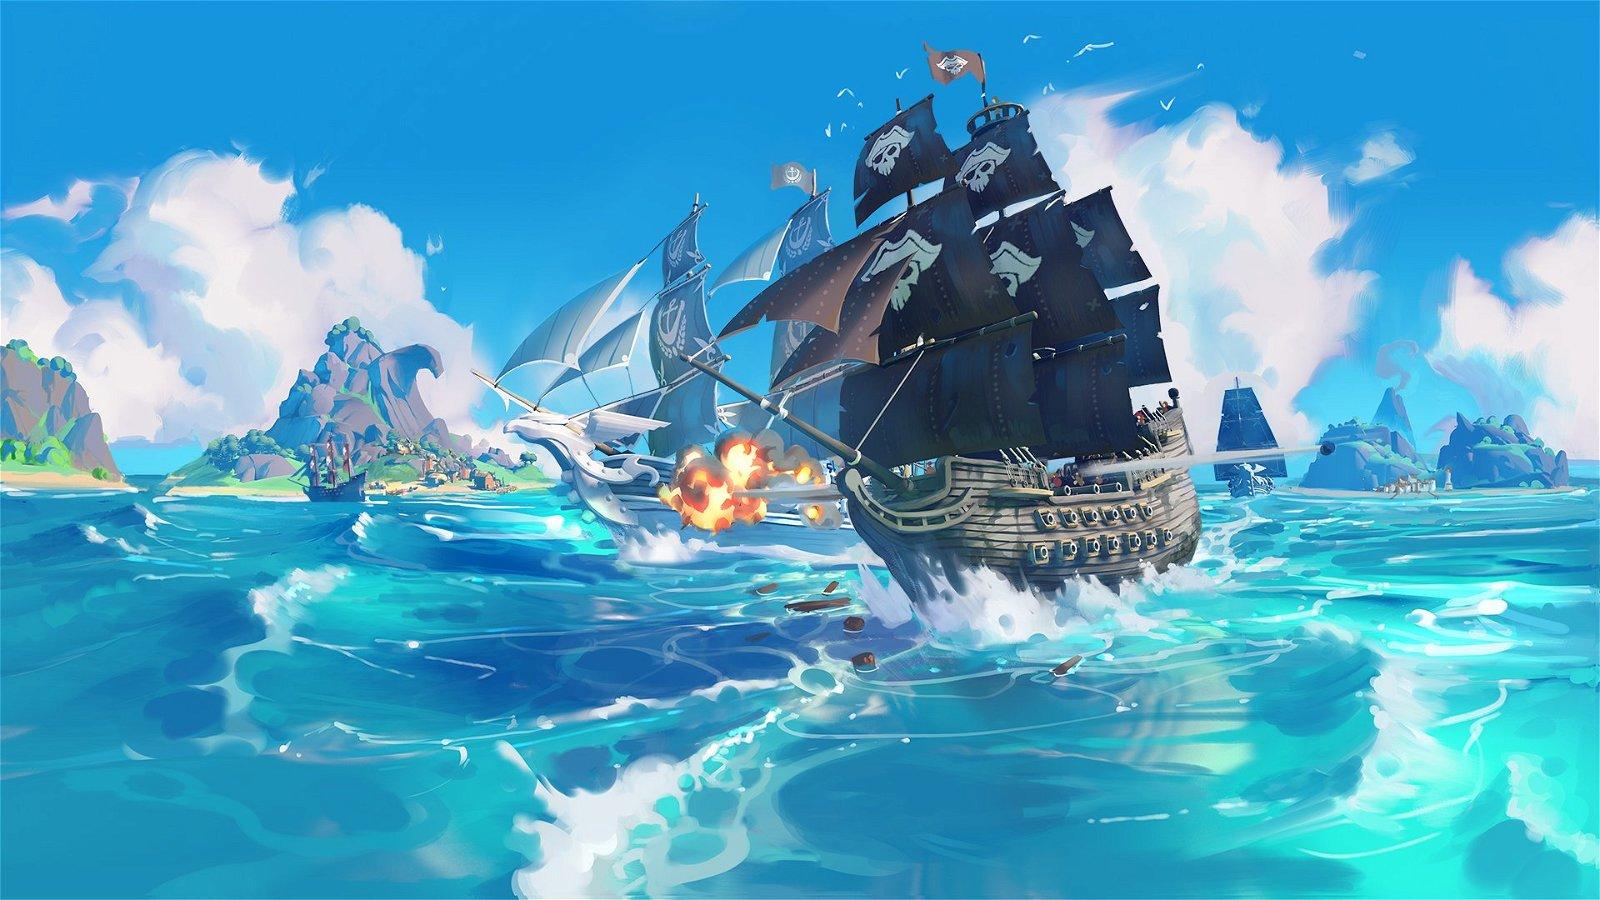 King Of Seas Action-RPG Sets Sail This May